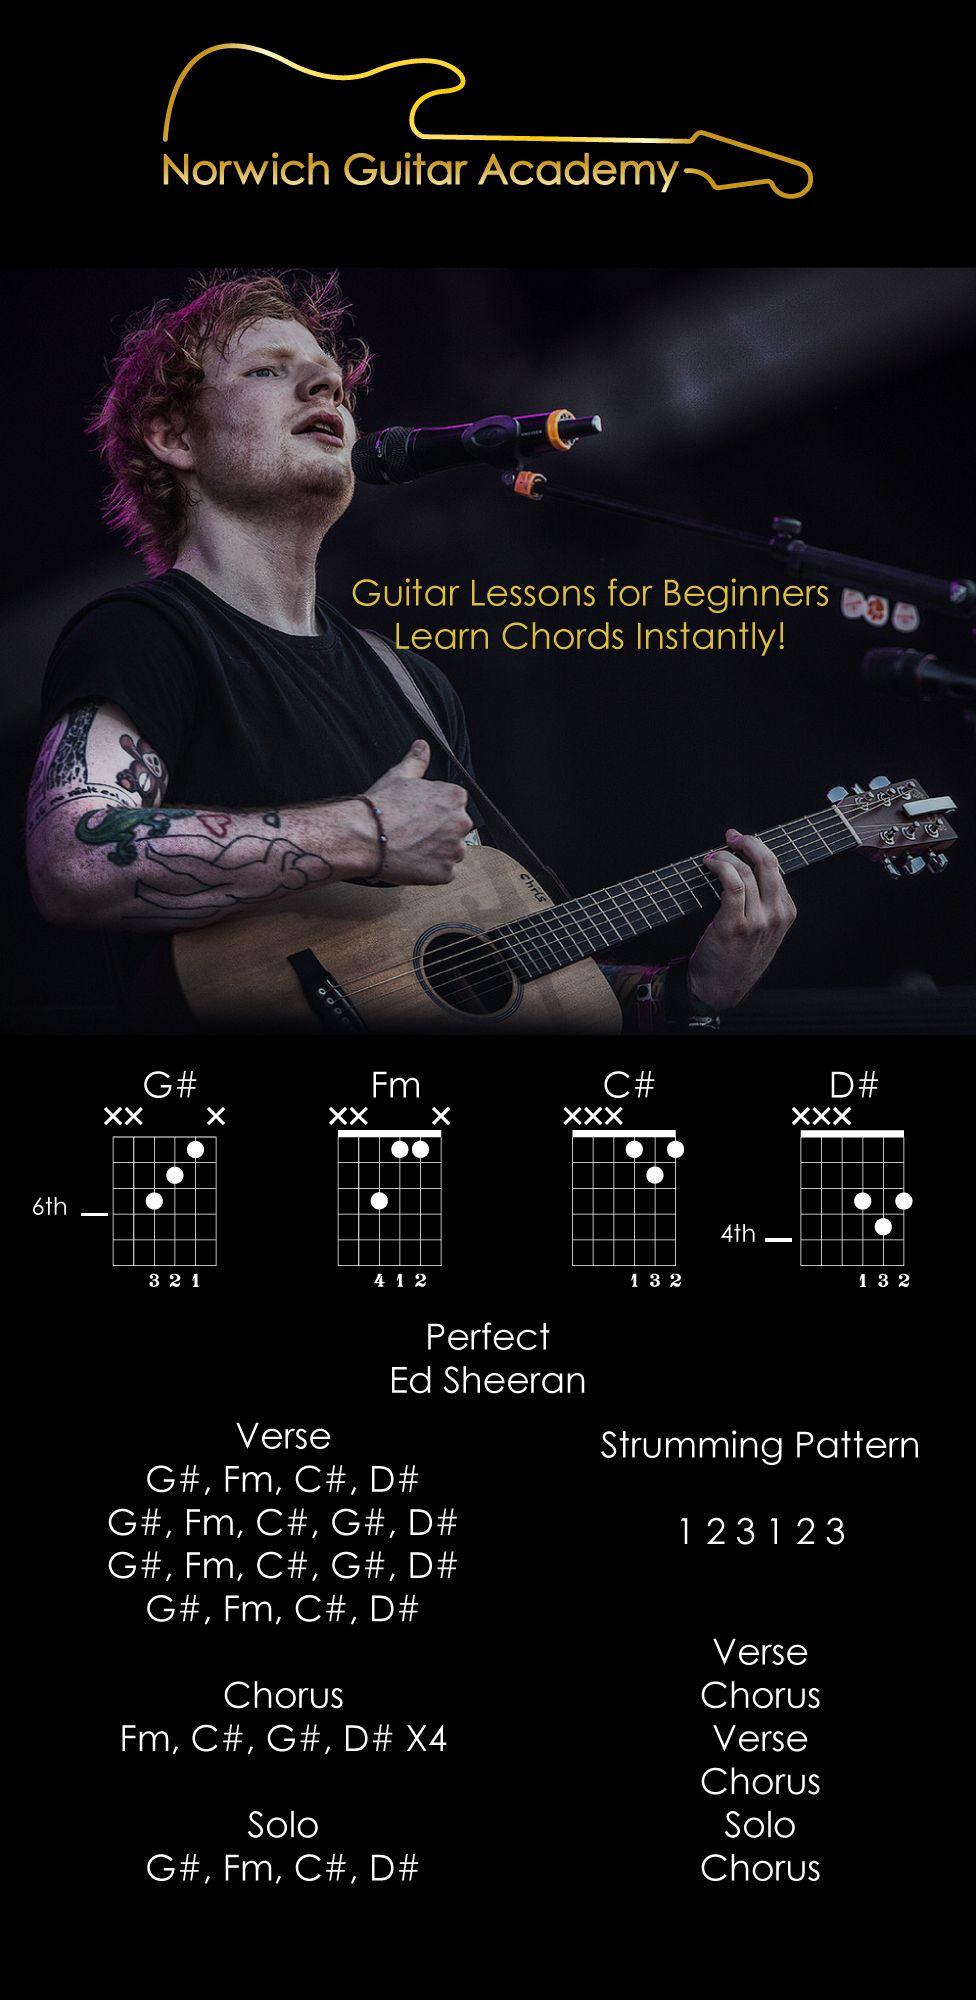 Perfect Ed Sheeran Chords Beginner Guitar Lesson Lyrics In 2018